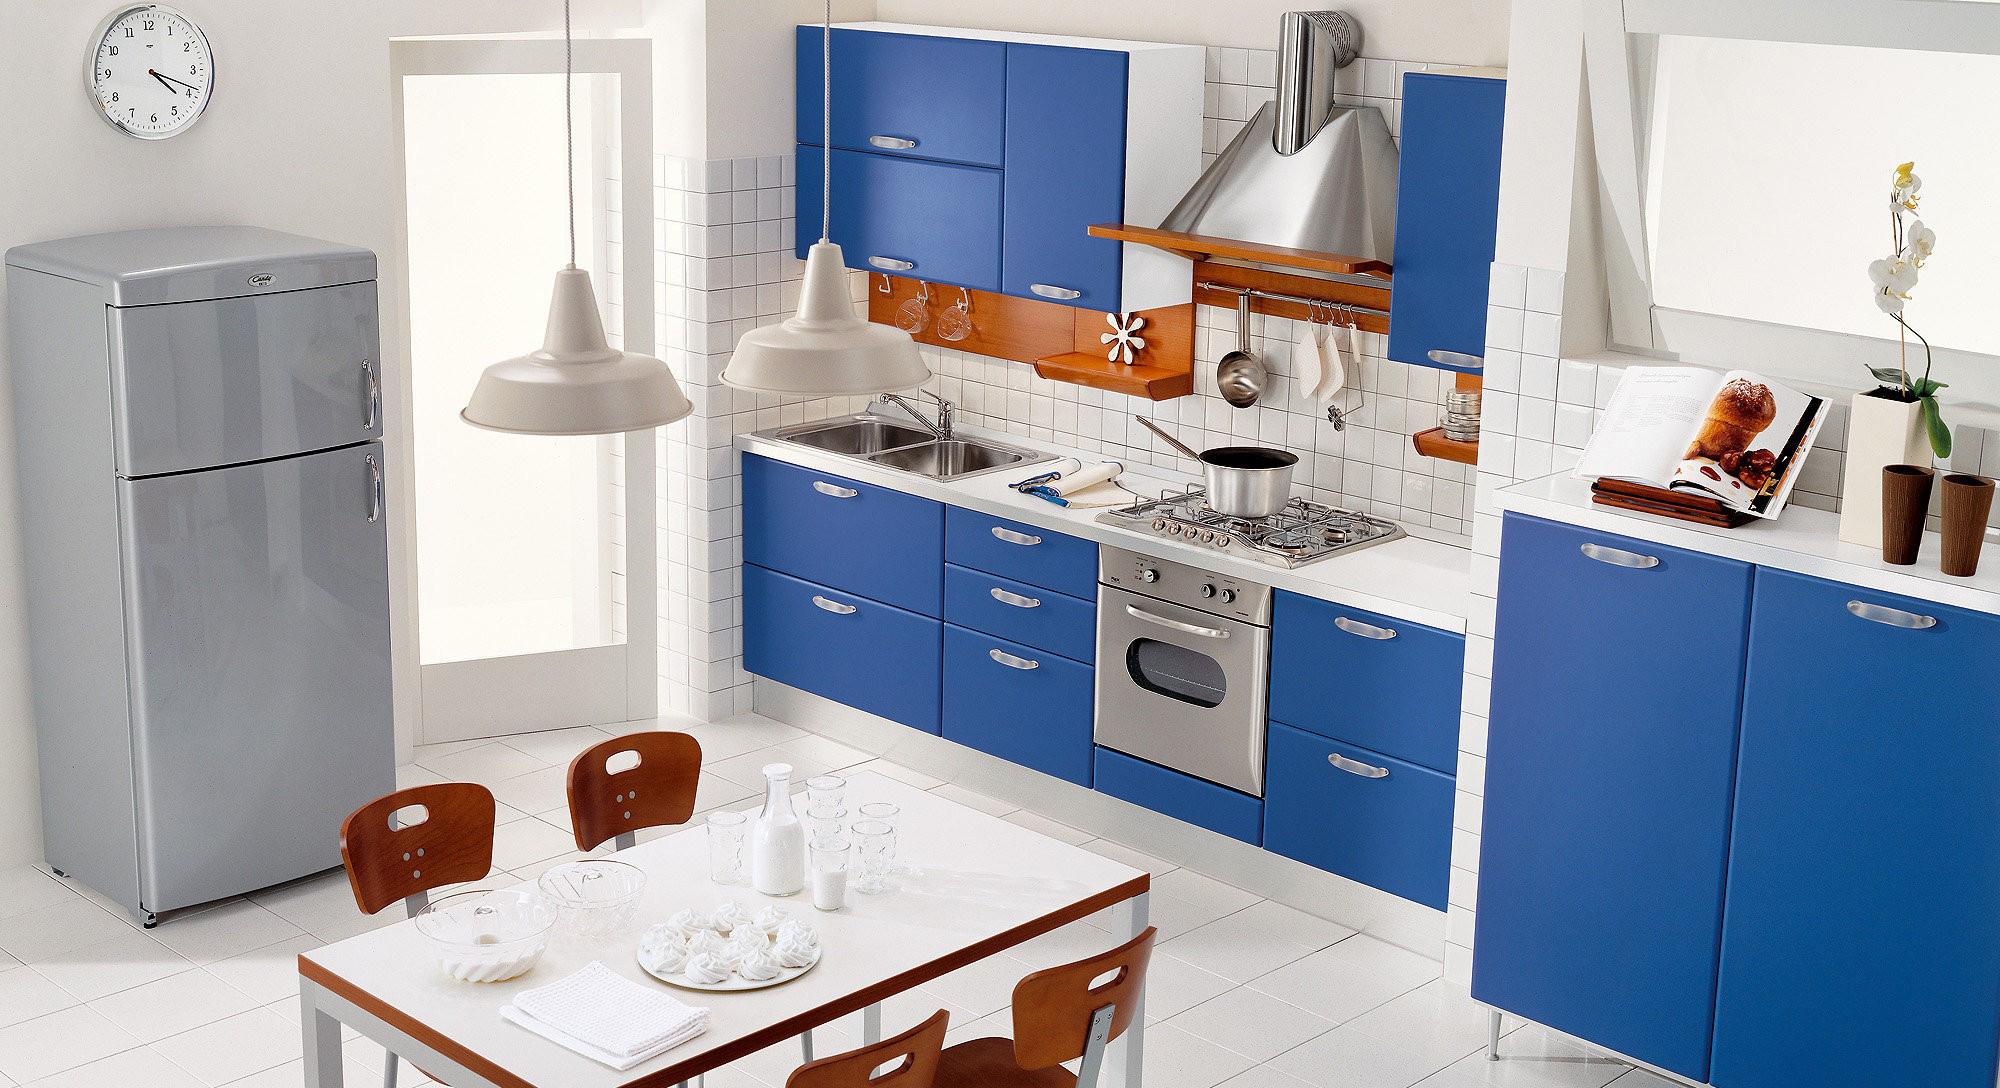 Бело-синяя кухня с коричневыми элементами